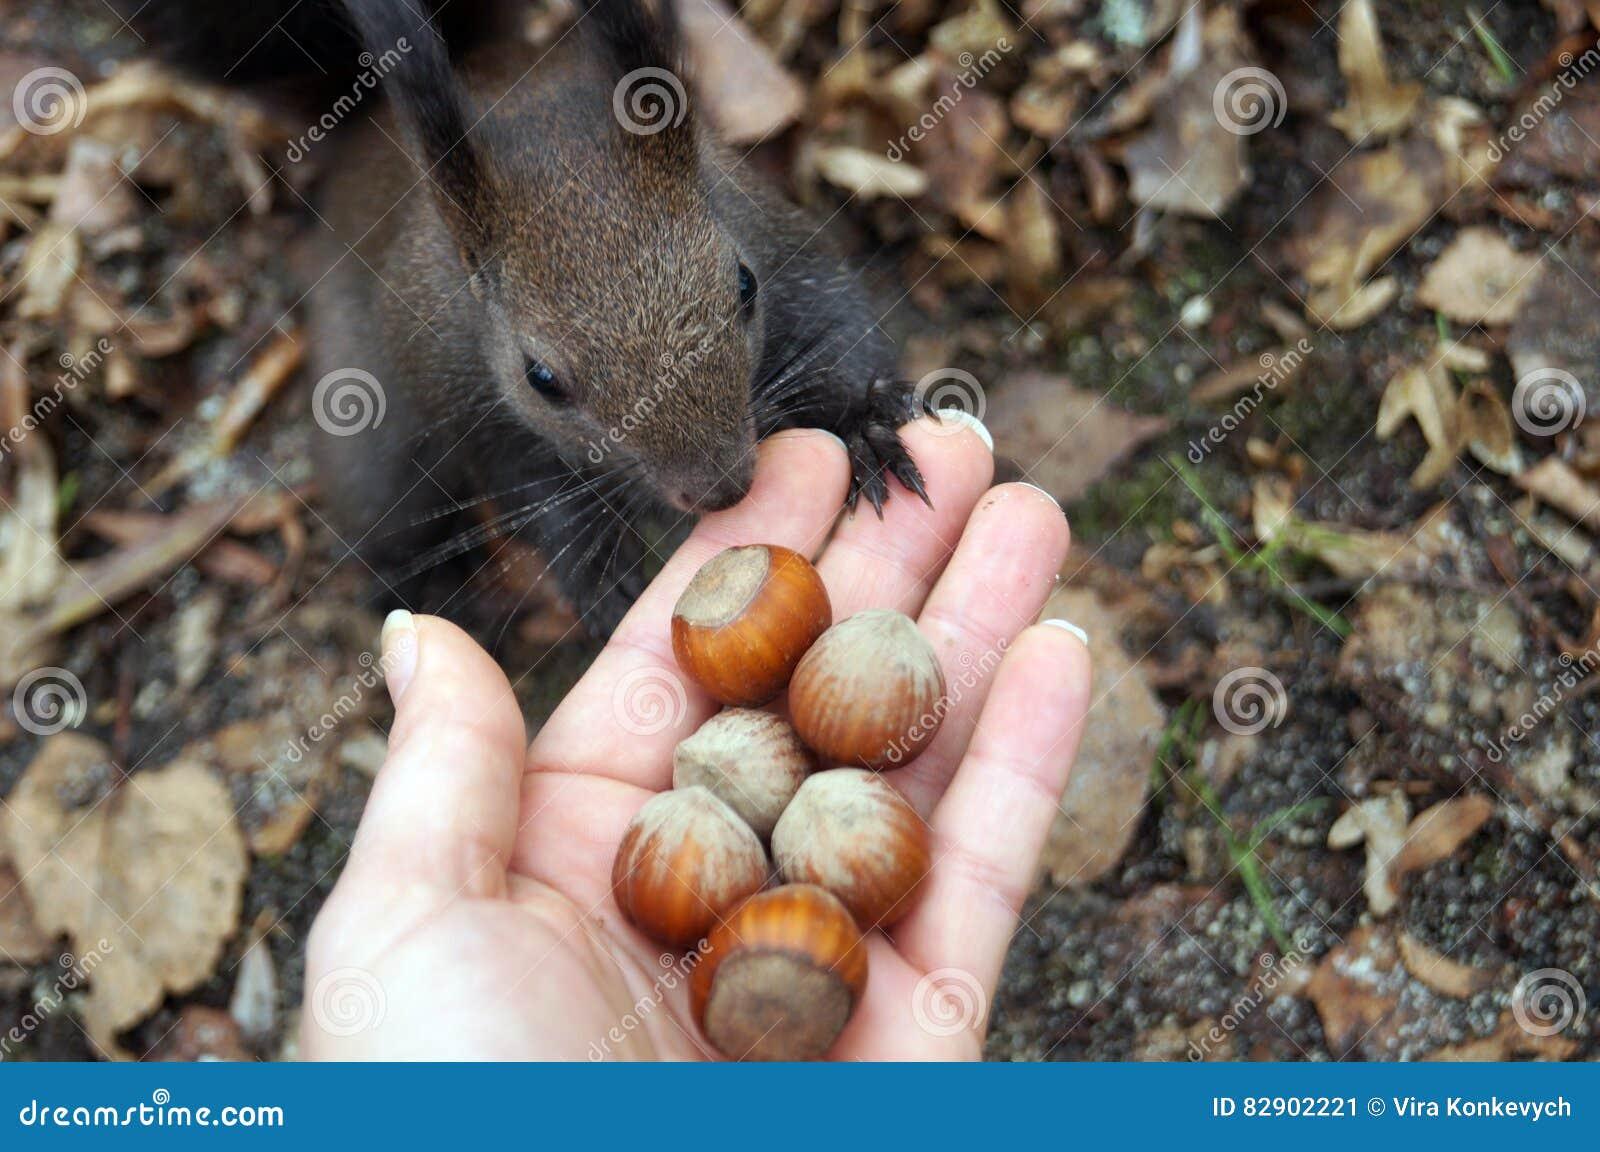 Σκίουρος με τη σκοτεινή γούνα και μια θαμνώδης ουρά που τρώει τα καρύδια